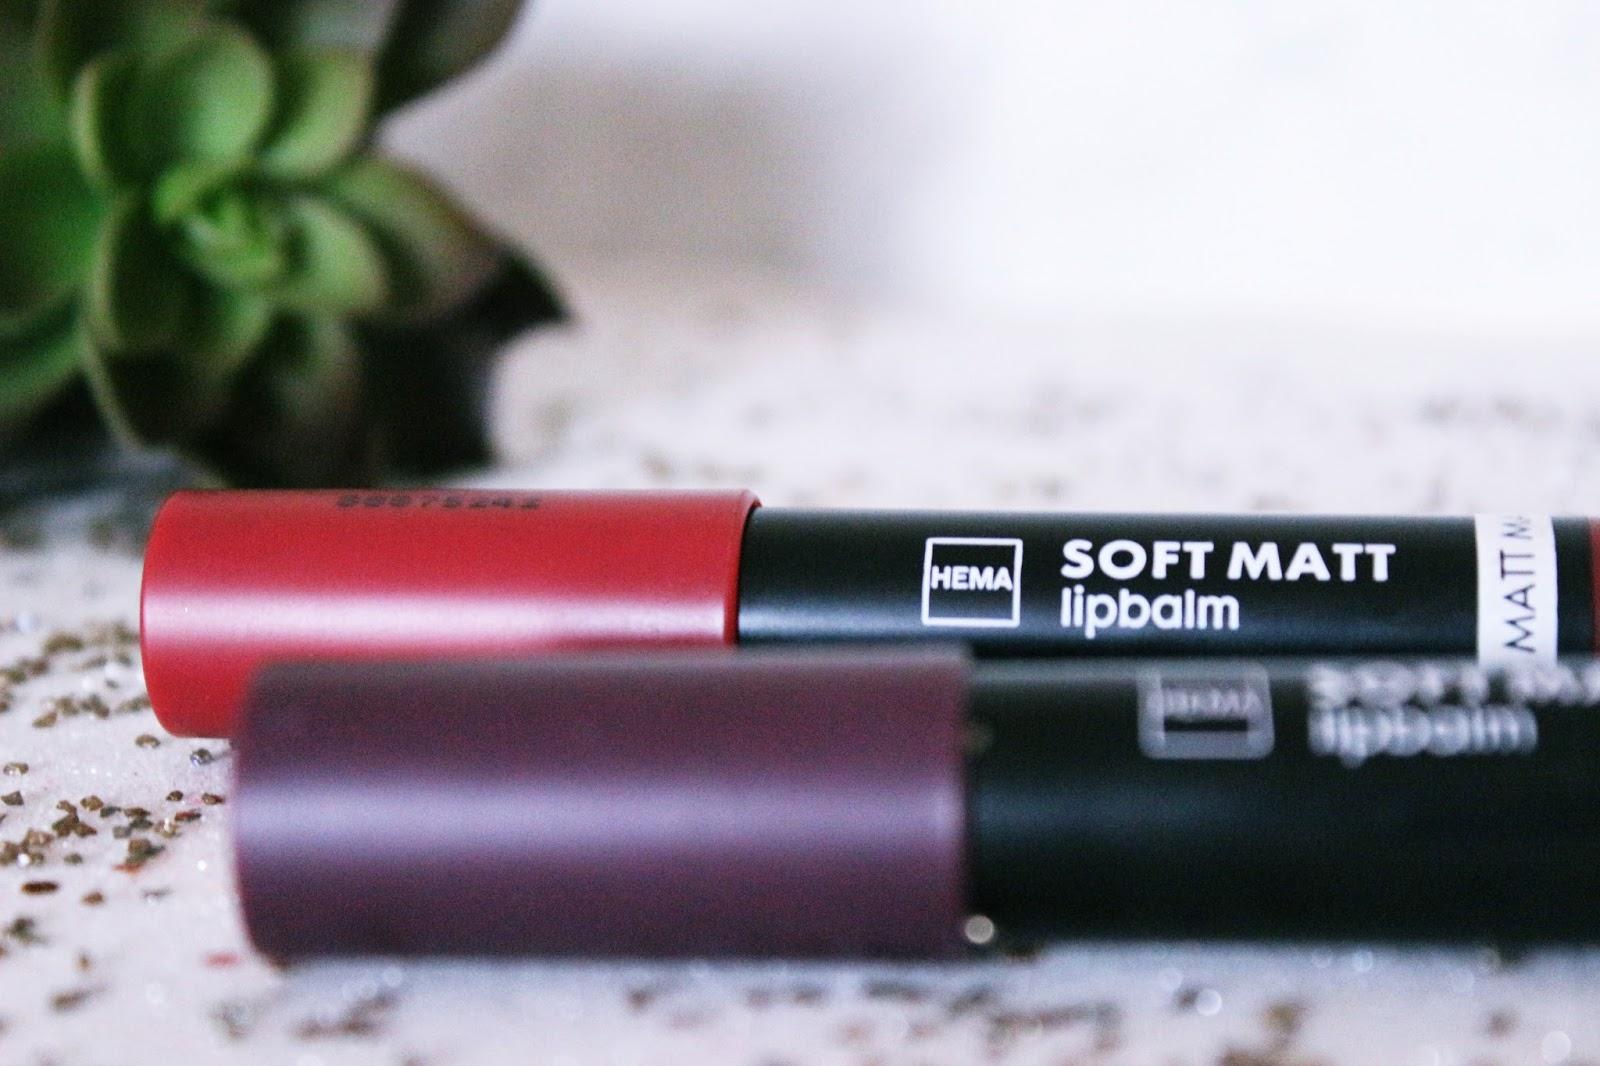 Hema-Soft-Matt-lipbalm